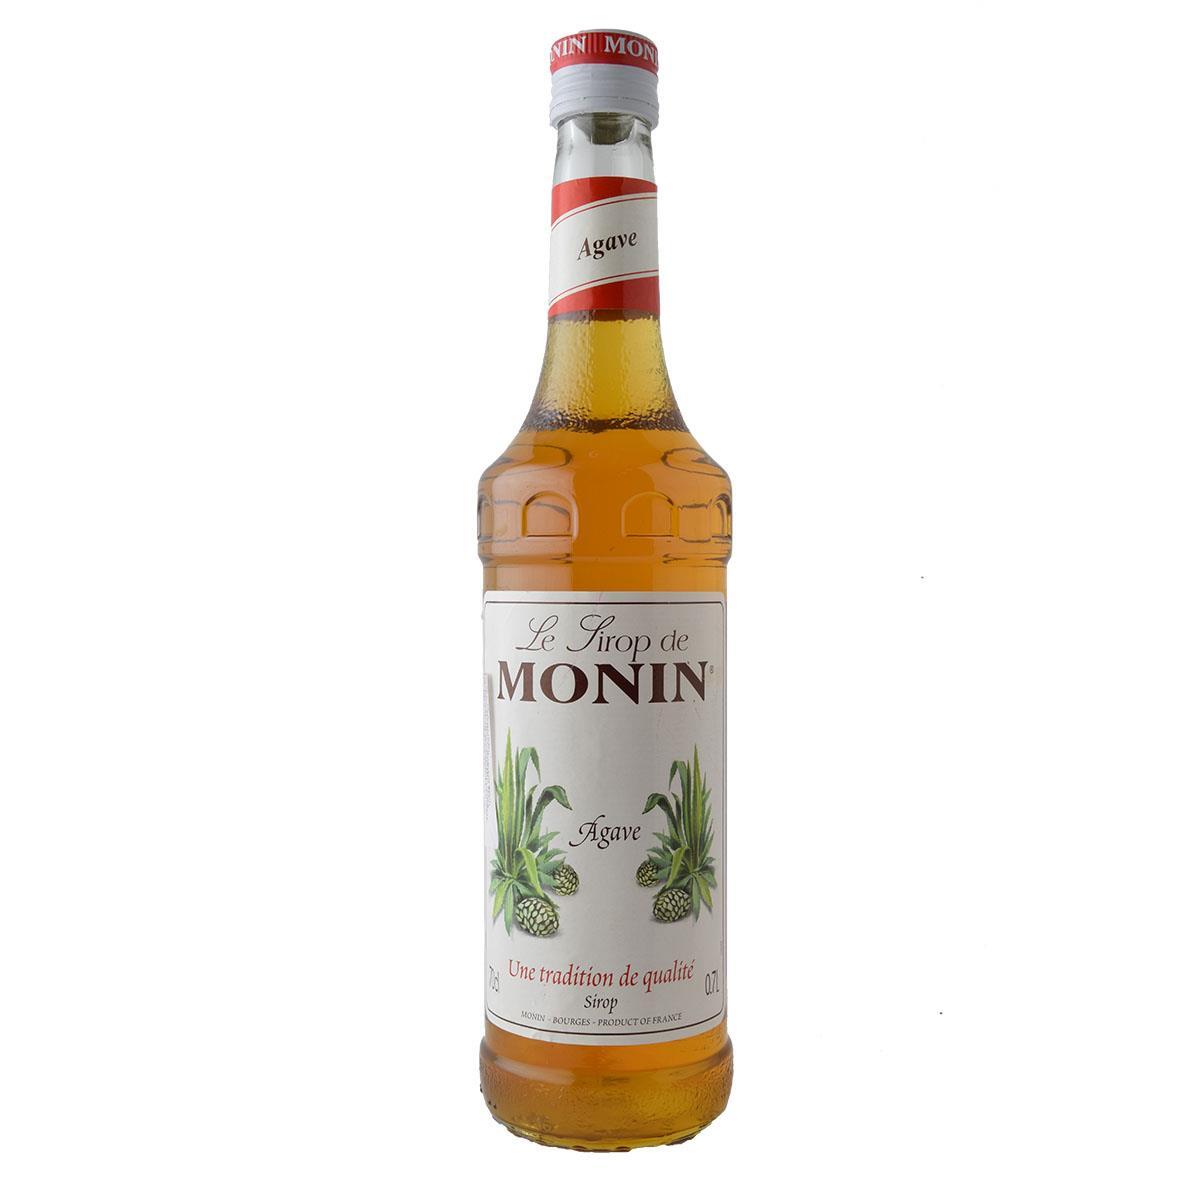 Monin Σιρόπι Αγάβη 700ml